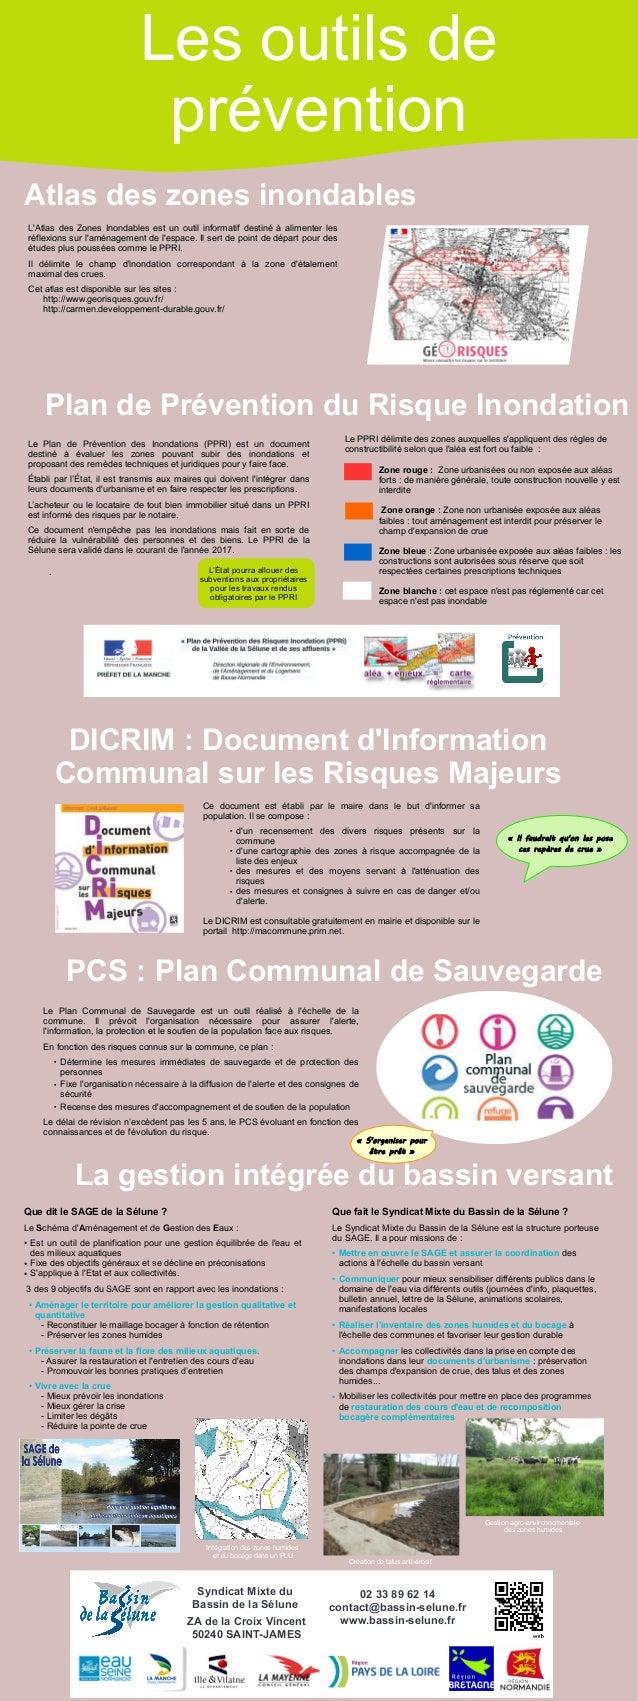 La gestion intégrée du bassin versant Le Plan de Prévention des Inondations (PPRI) est un documentLe Plan de Prévention de...